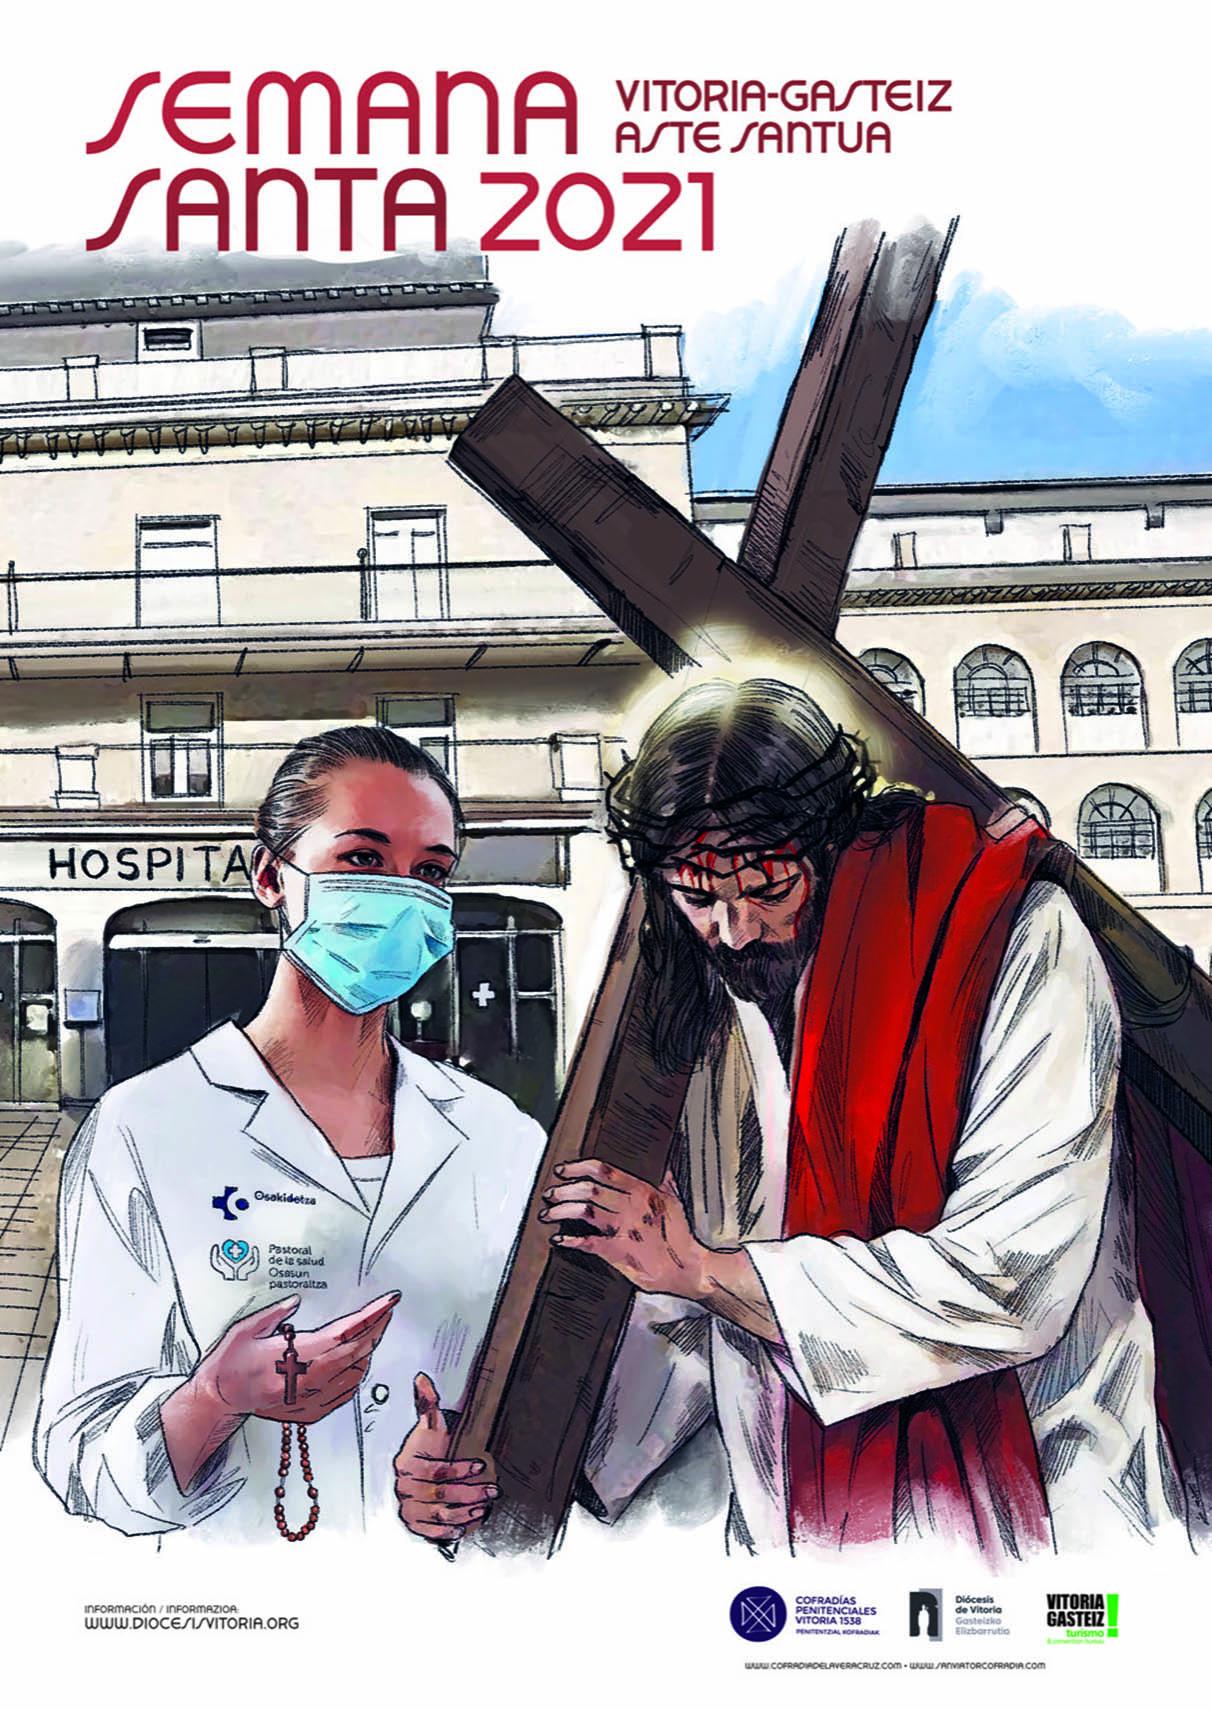 La Semana Santa vitoriana agradece el trabajo de los sanitarios en el último año | Gasteiz Hoy